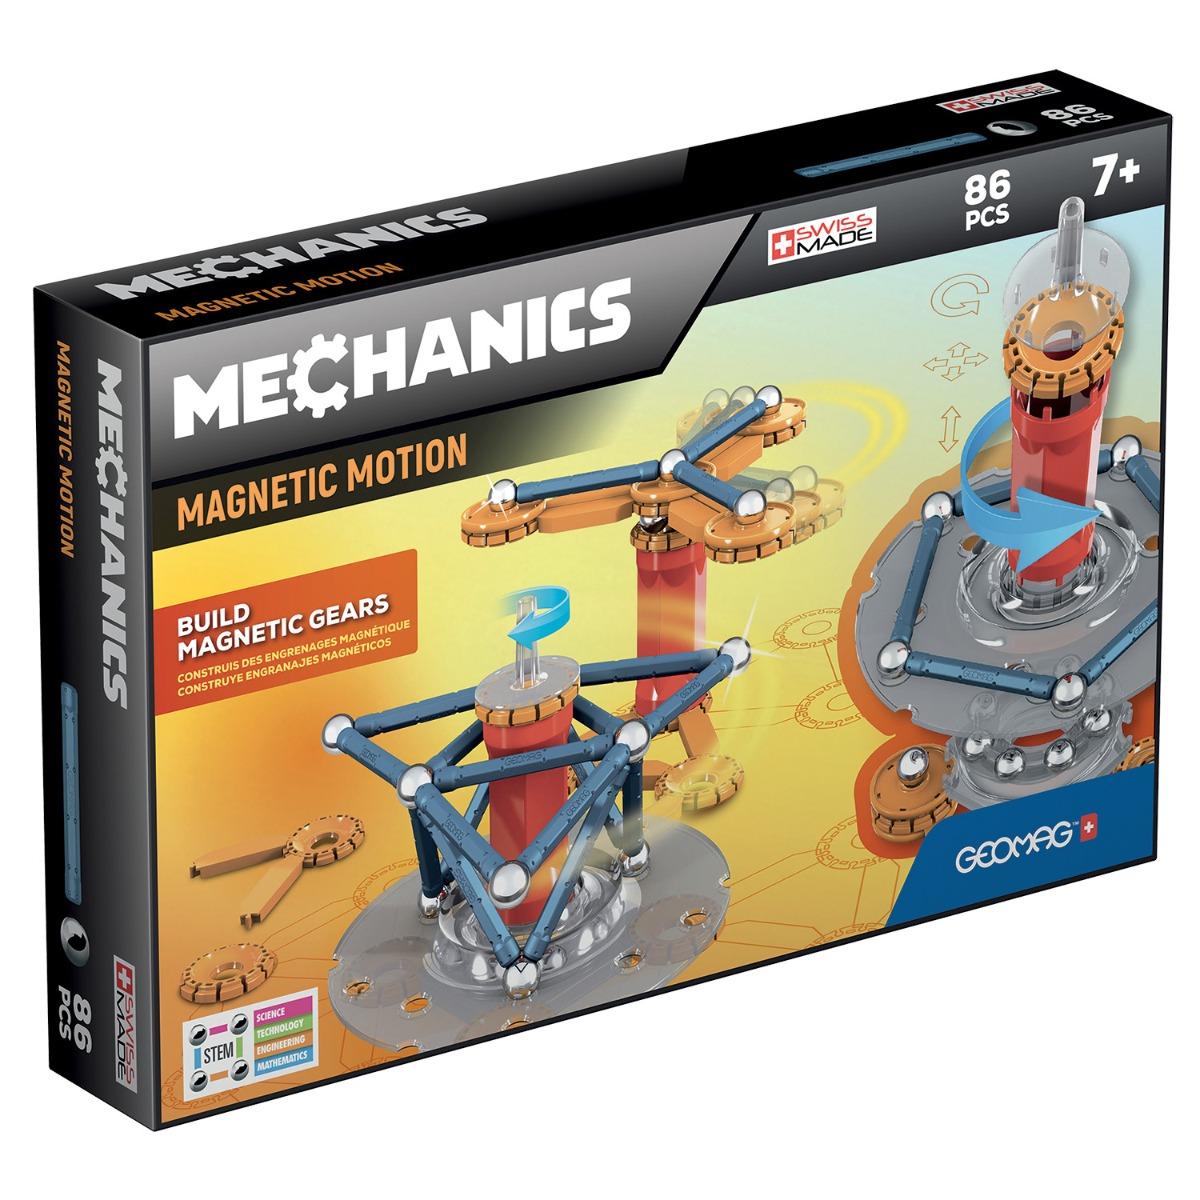 Joc de constructie magnetic Geomag Mechanics Motion, 86 piese